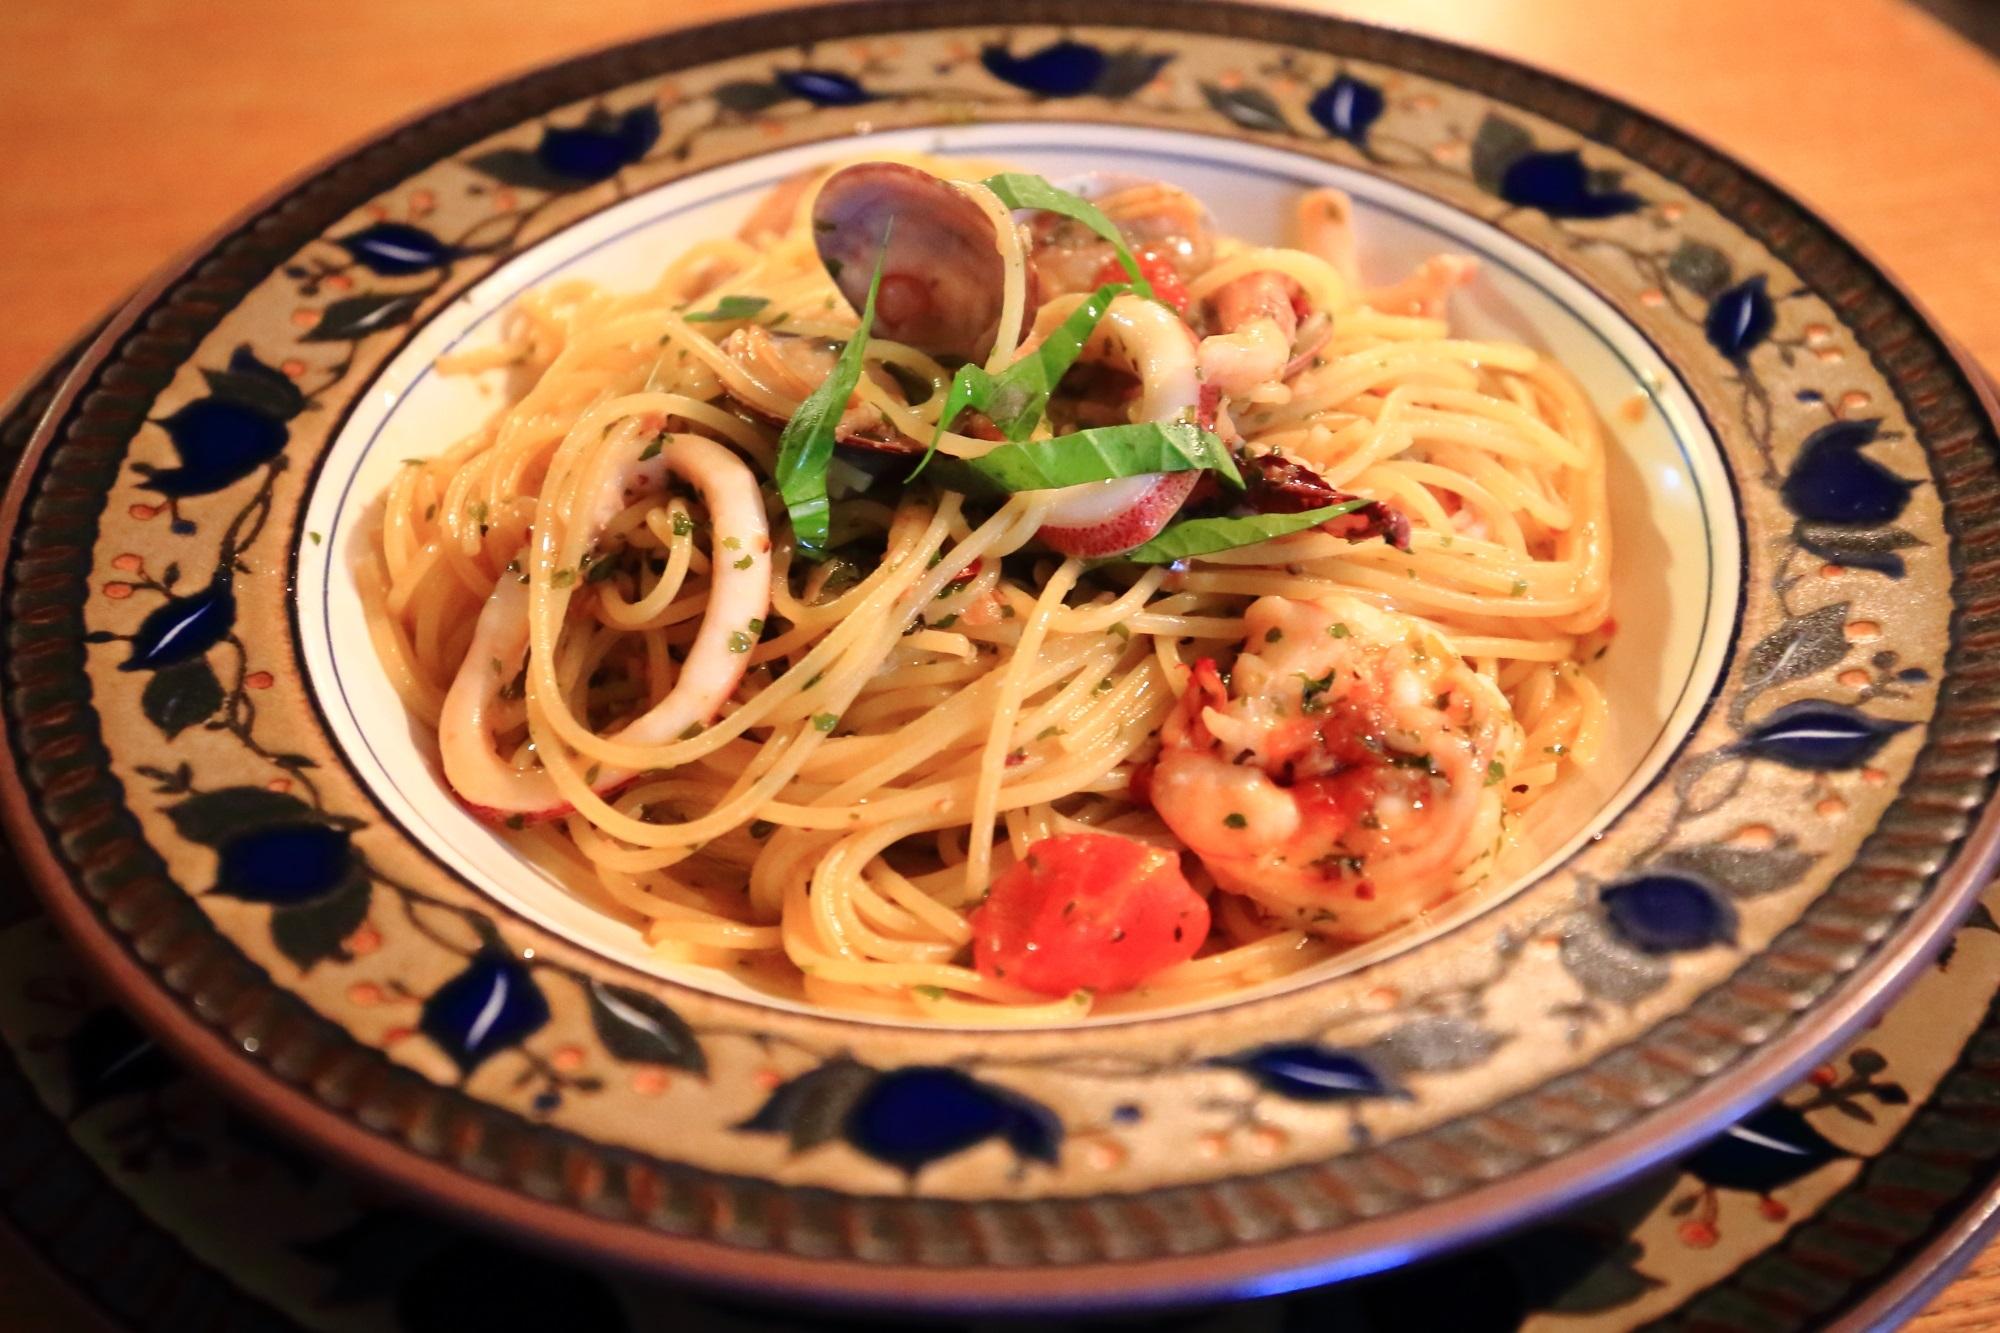 スパゲティ専門店カルドの海の幸のガーリックオイルスパゲティ